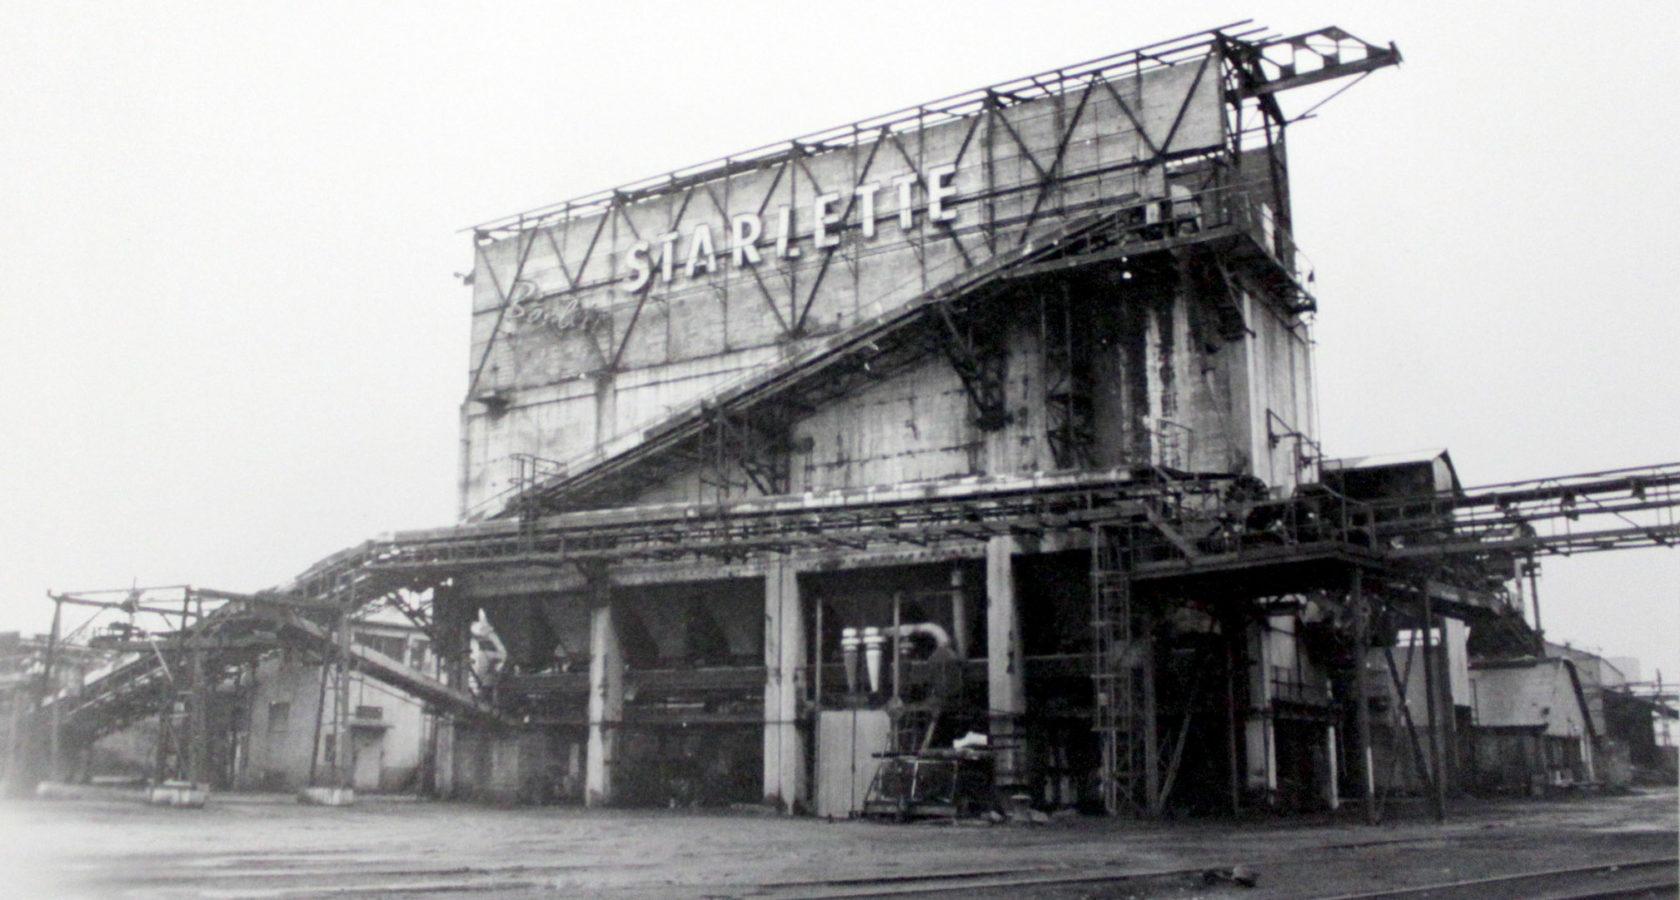 Die Kohlebriketts produzierende Firma Starlette im 20. Jahrhundert, Copyright Bilderarchiv der Region Inventaire du Patrimoine en Alsace